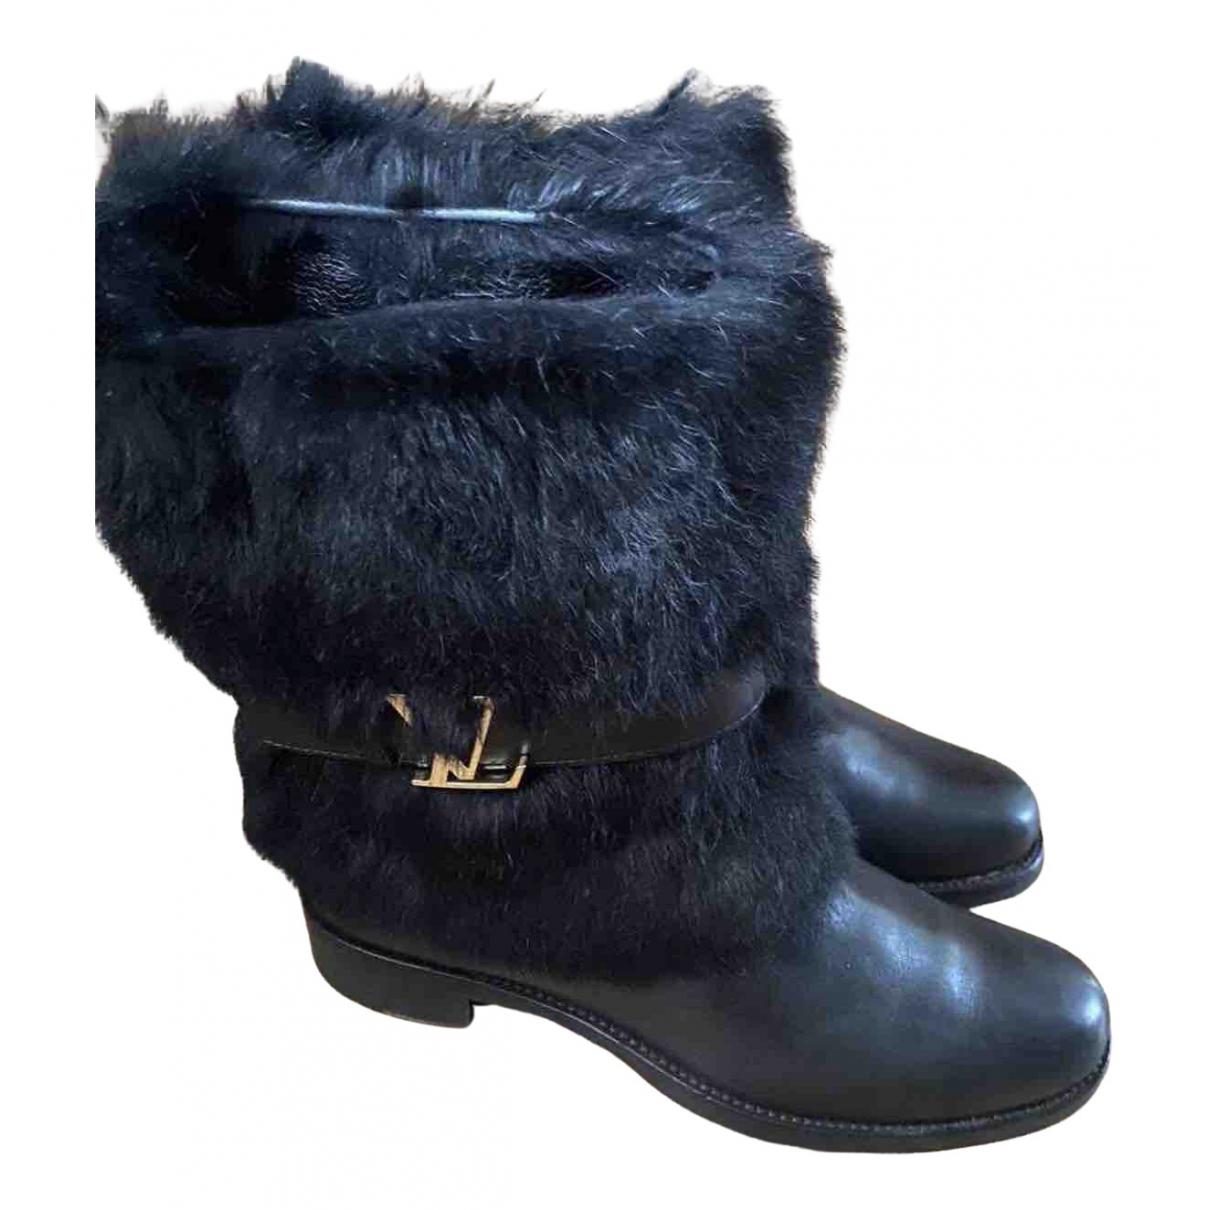 Louis Vuitton - Boots   pour femme en fourrure - noir